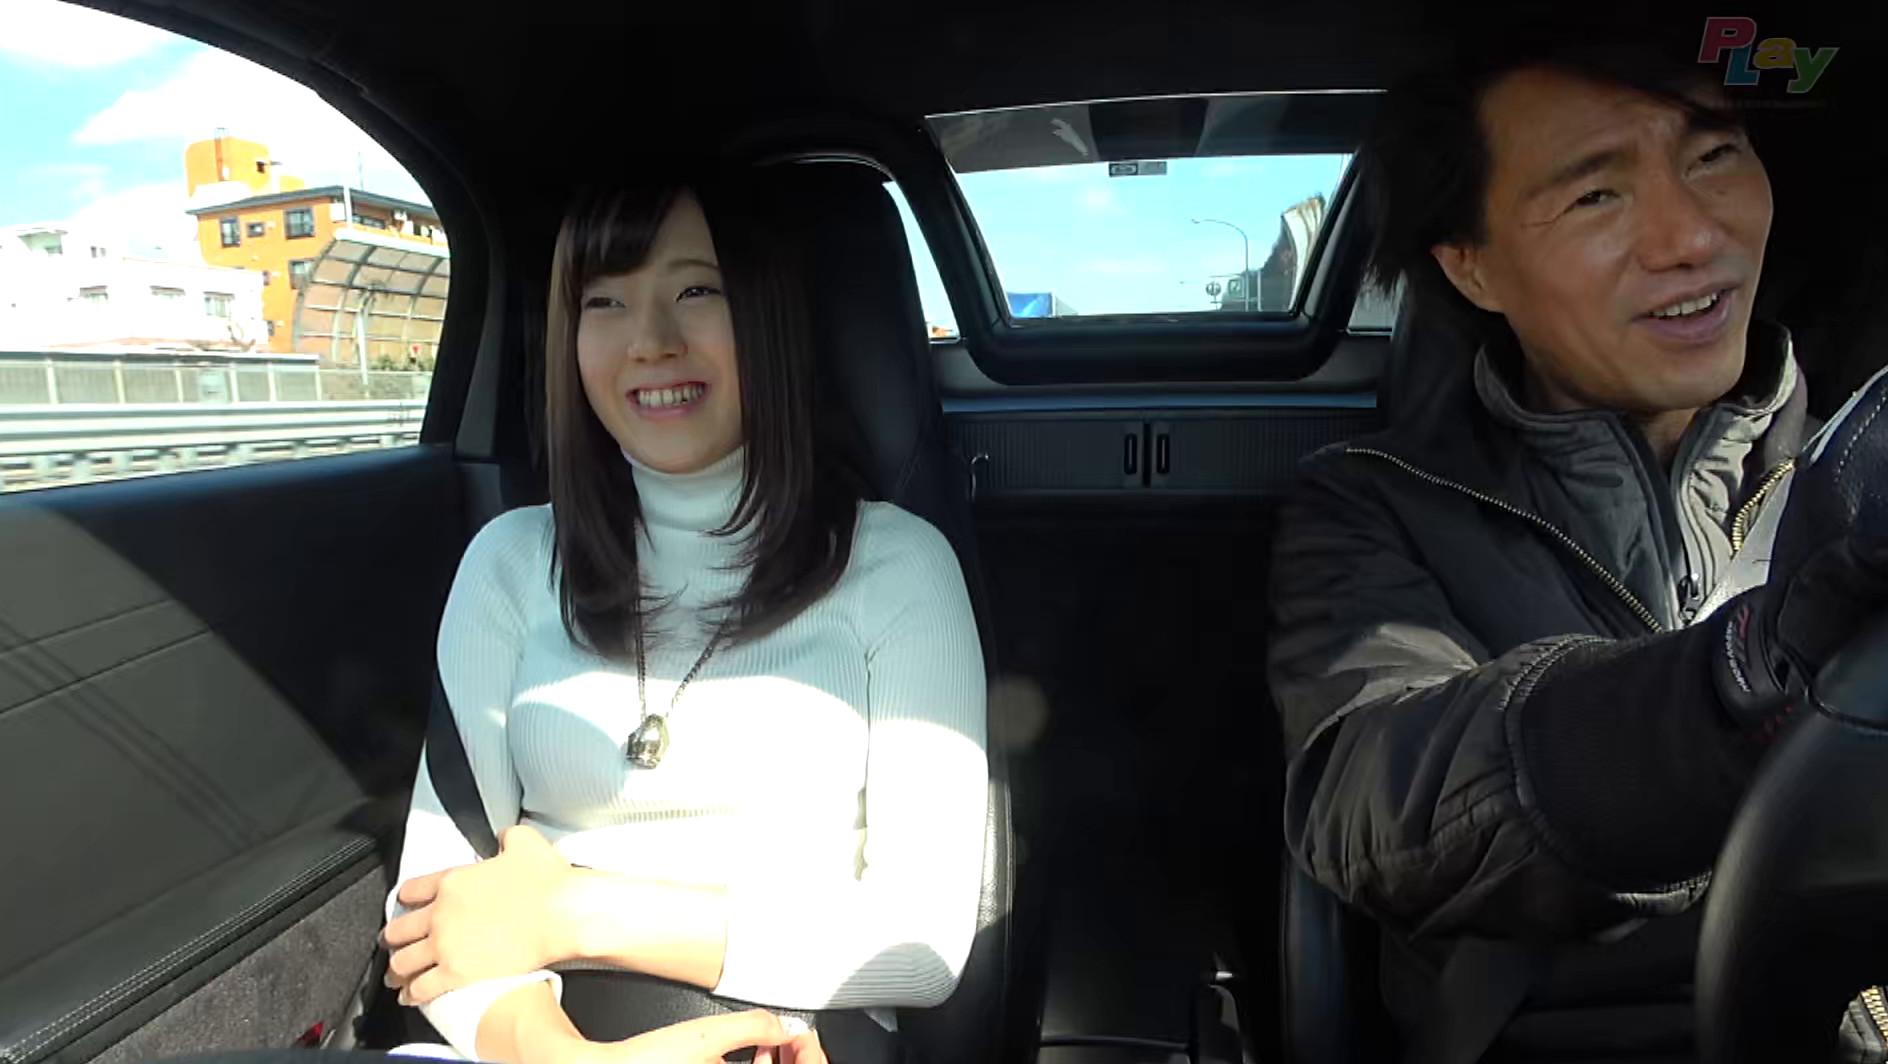 極上美女と愉しむ高級カーセックス HIGH END CAR SEX 黒川すみれ/希のぞみ,のサンプル画像18